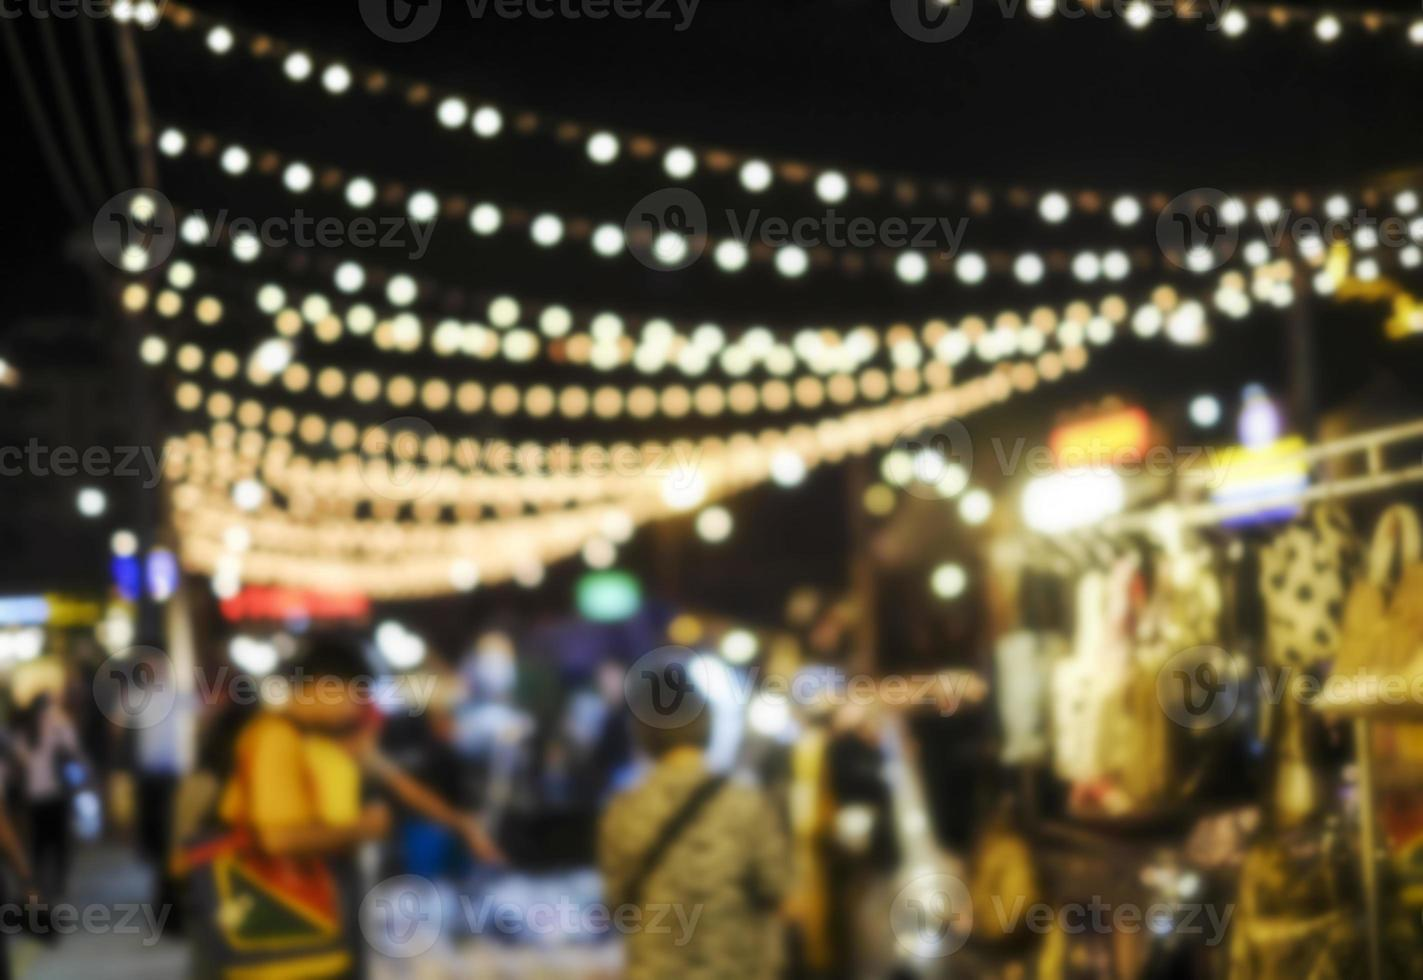 Fondo borroso abstracto de gente de compras en el mercado nocturno de la ciudad foto